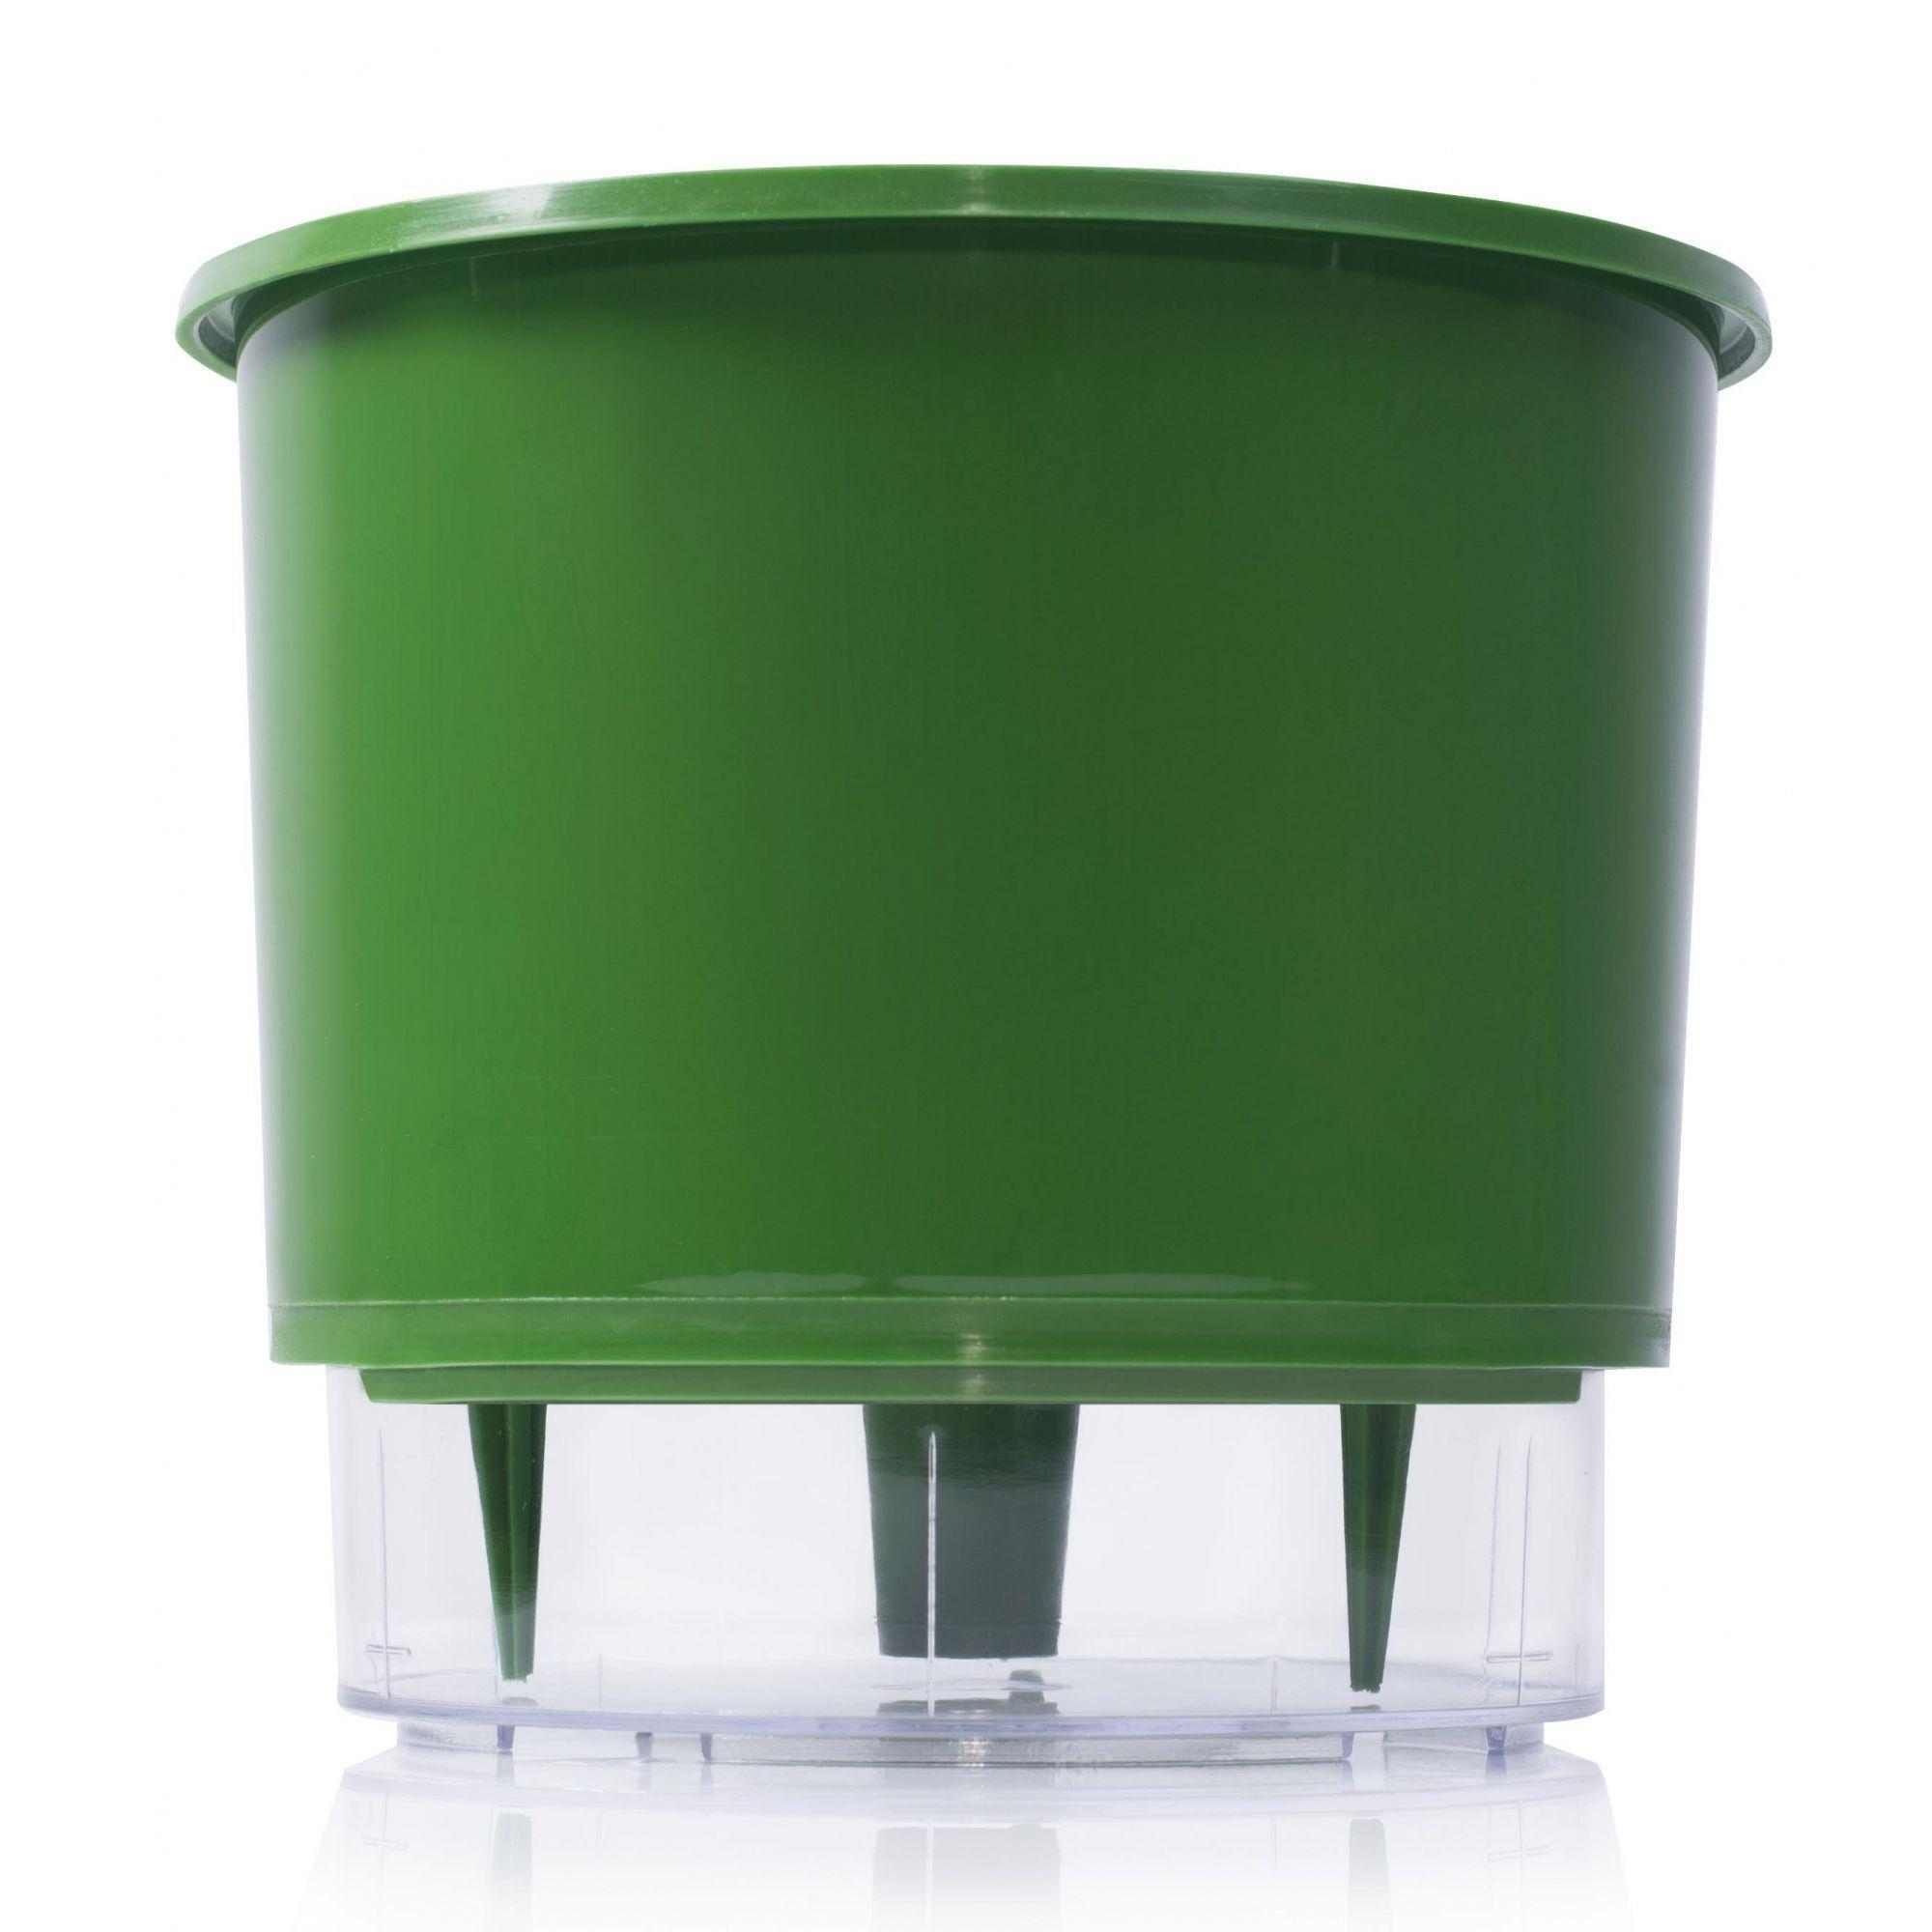 Vaso Autoirrigável Verde Escuro Pequeno 12cm x 11cm N02  - Vasos Raiz Loja Oficial